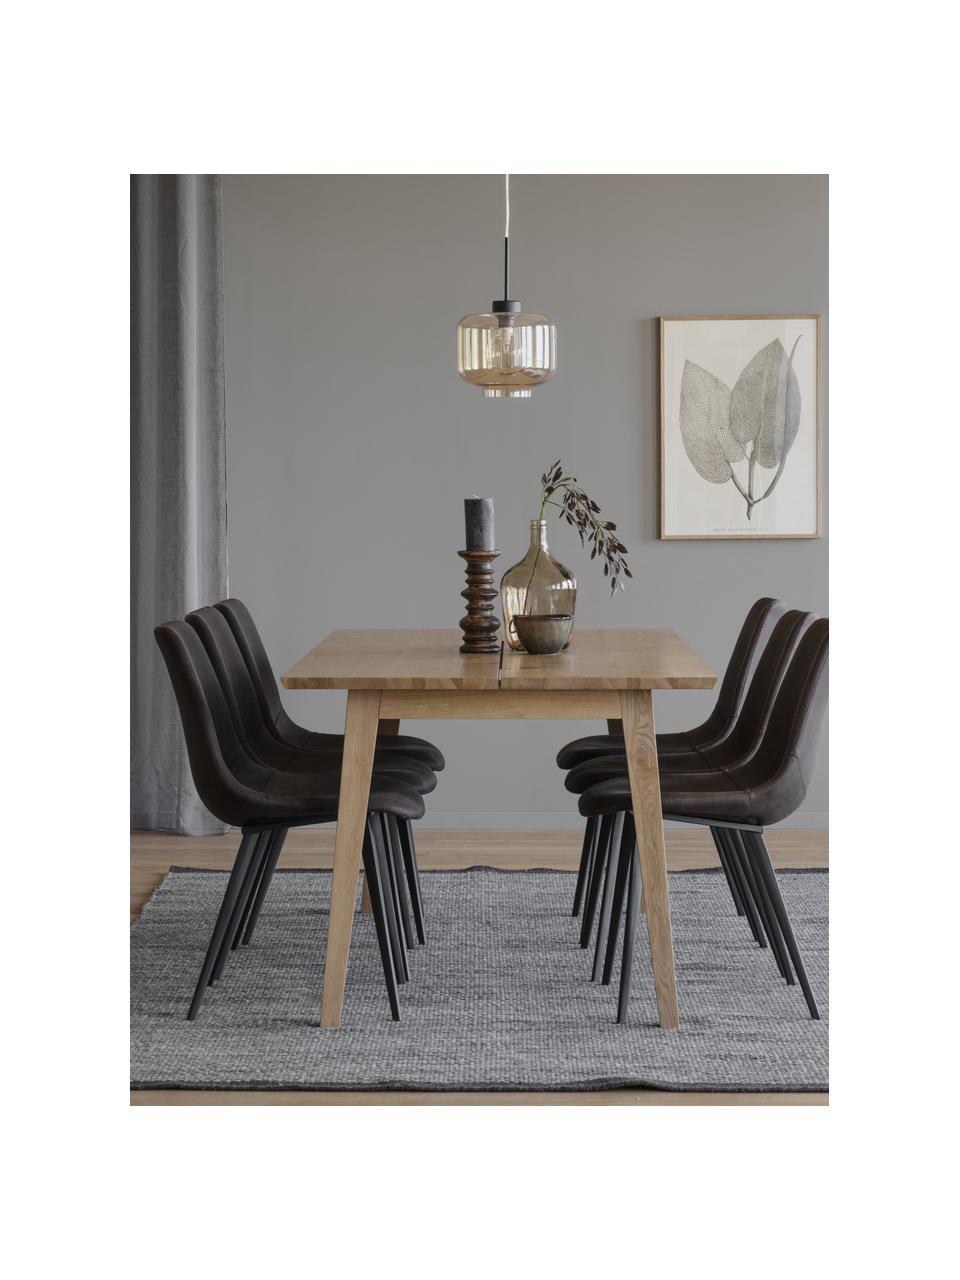 Esstisch Melfort, 180 x 90 cm, Tischplatte: Mitteldichte Holzfaserpla, Beine: Birkenholz, massiv mit Ei, Wildeichenholzfurnier, B 180 x T 90 cm